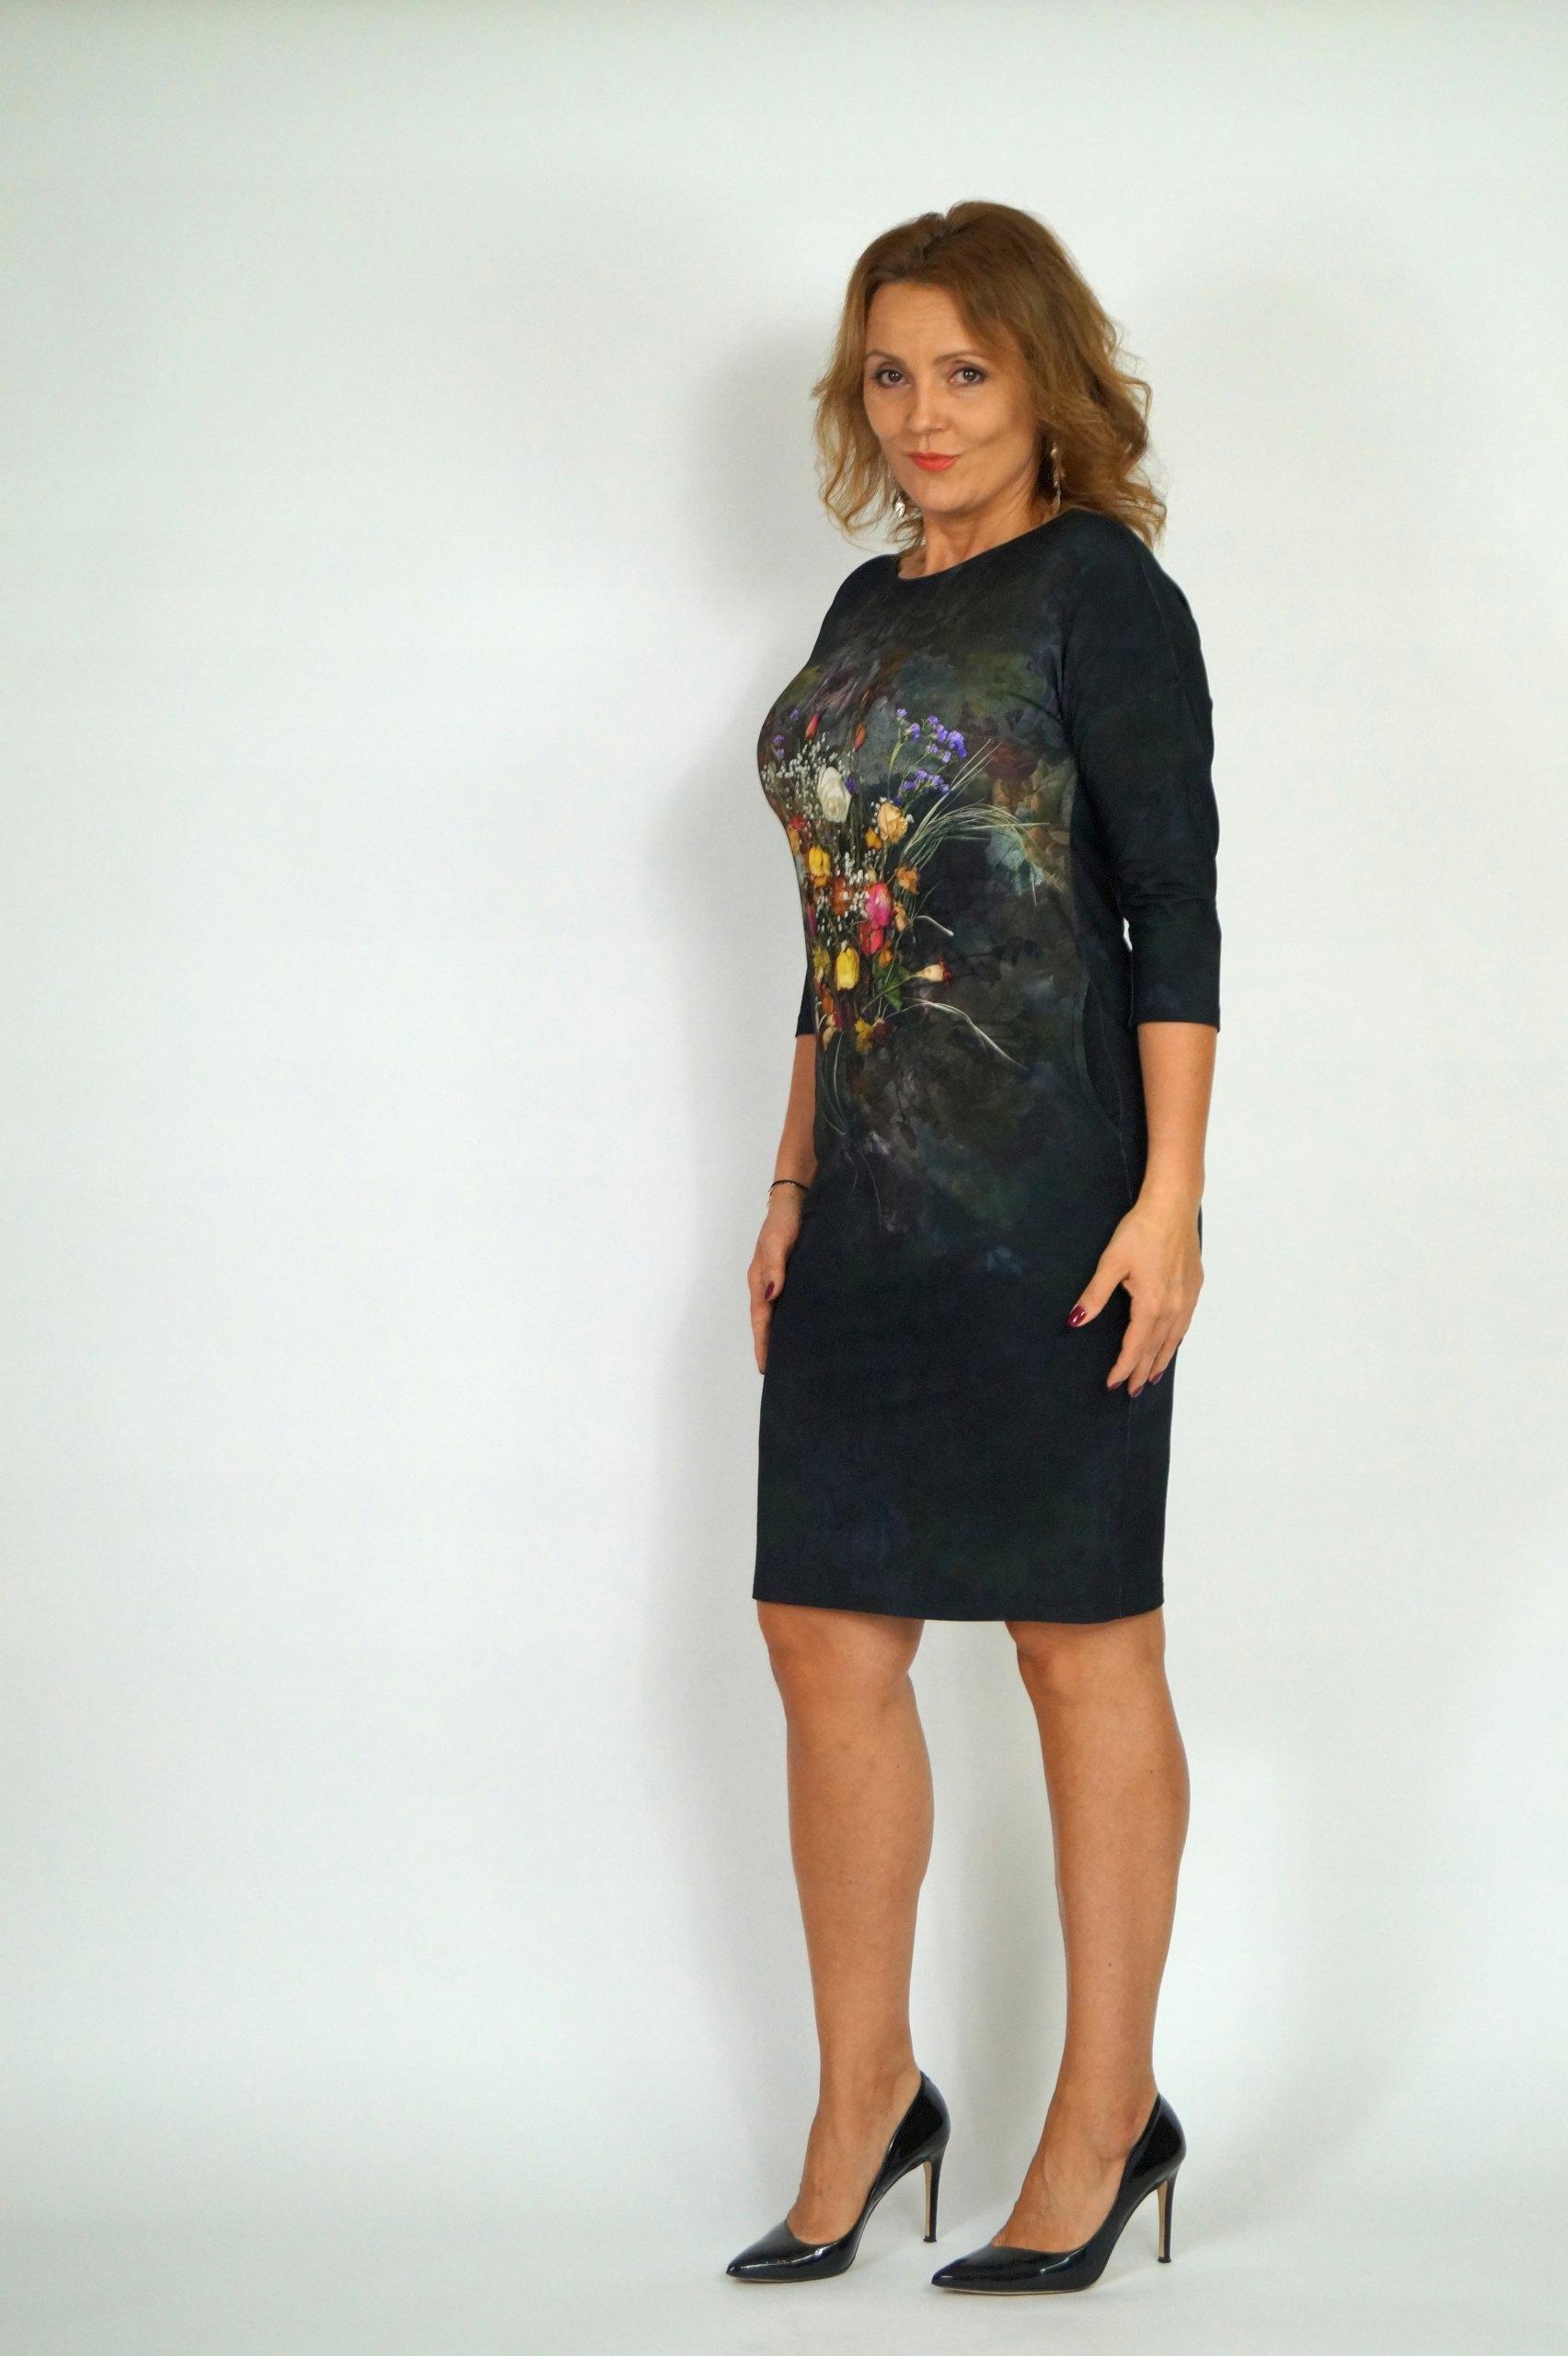 911c0651657346 ALEKS sukienka WENUS 48 zmysłowa grafika - 7041316582 - oficjalne ...